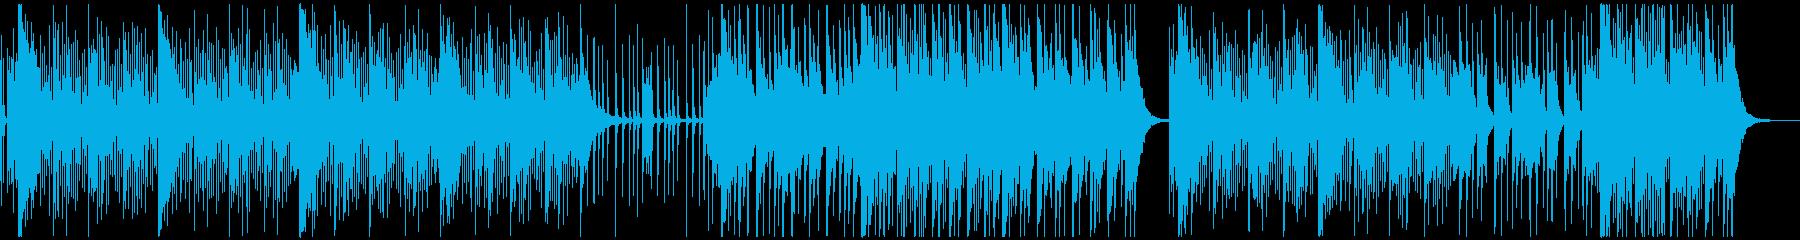 スポーツCM!ダイナミックな激しい打楽器の再生済みの波形